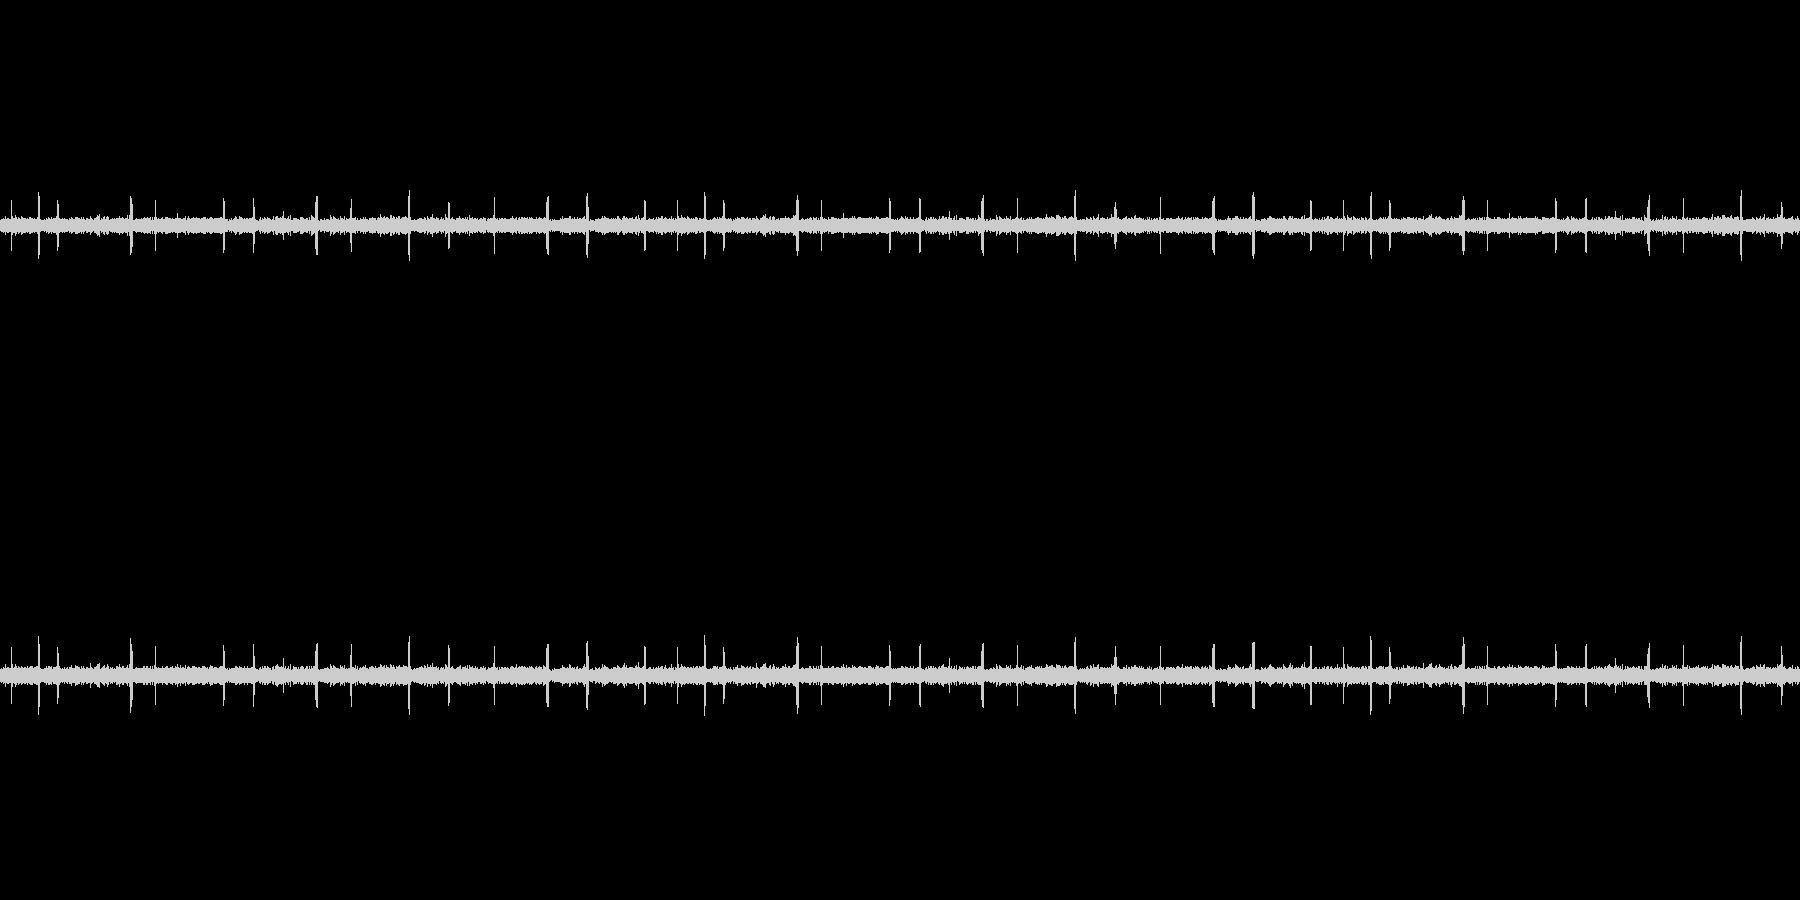 ザー(ラジオの動作音)の未再生の波形